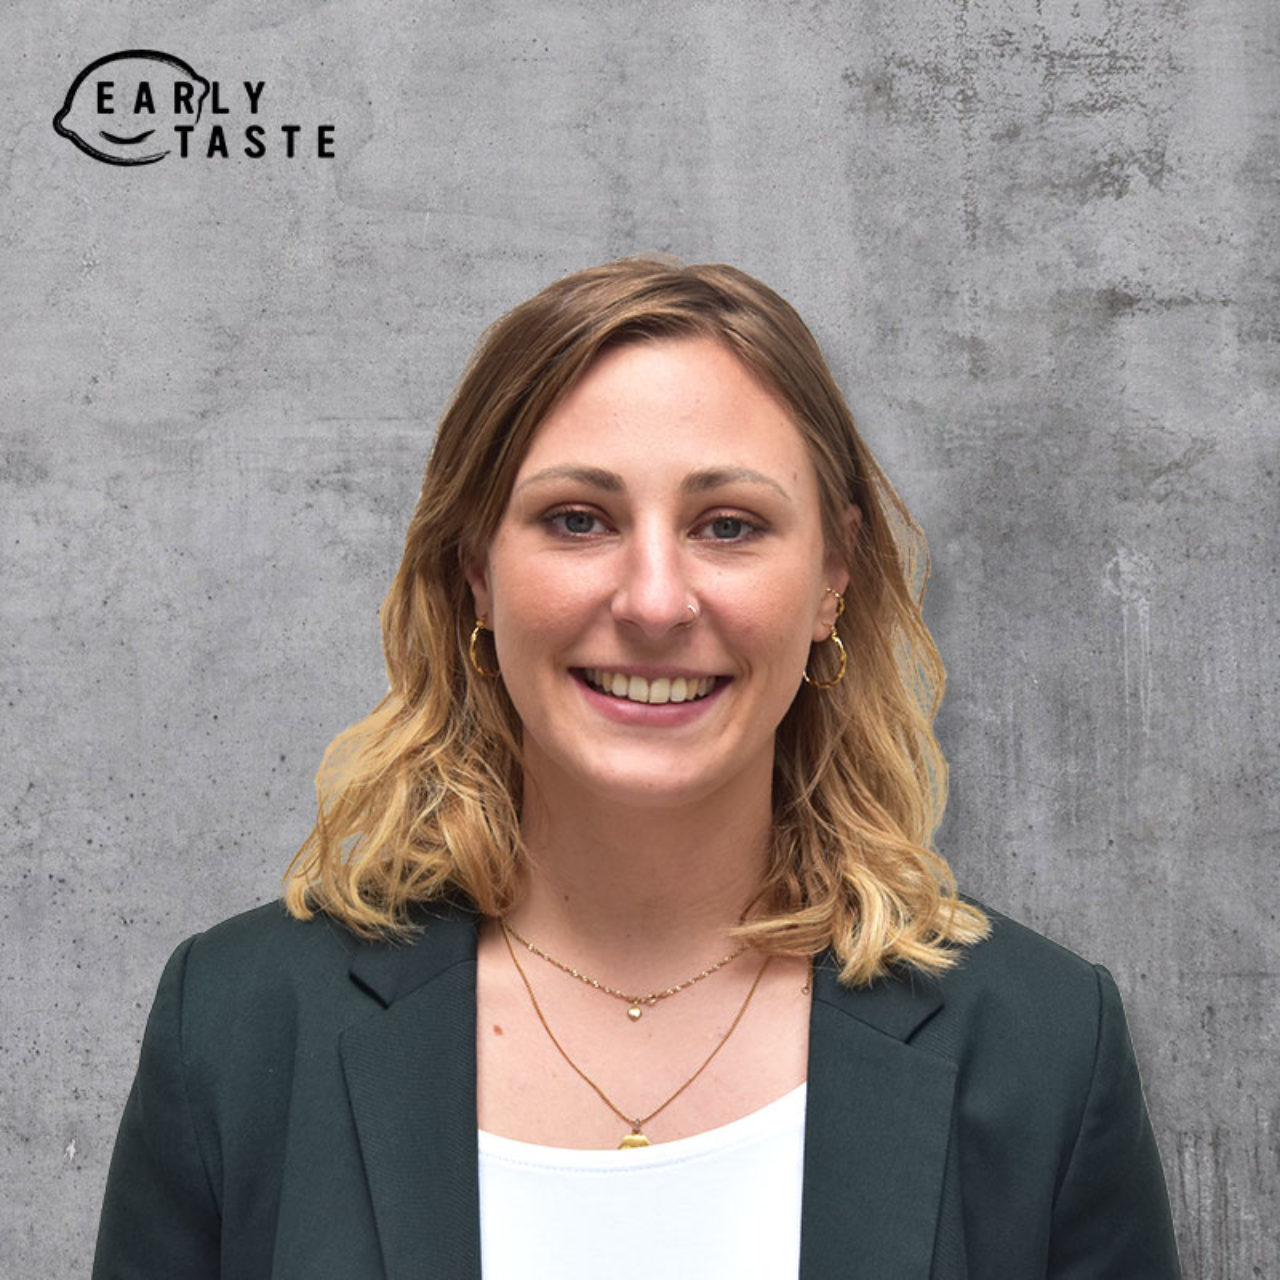 Auf dem Bild zu sehen: Inga Piepenbrock - Ihre Ansprechpartnerin im Kundenservice